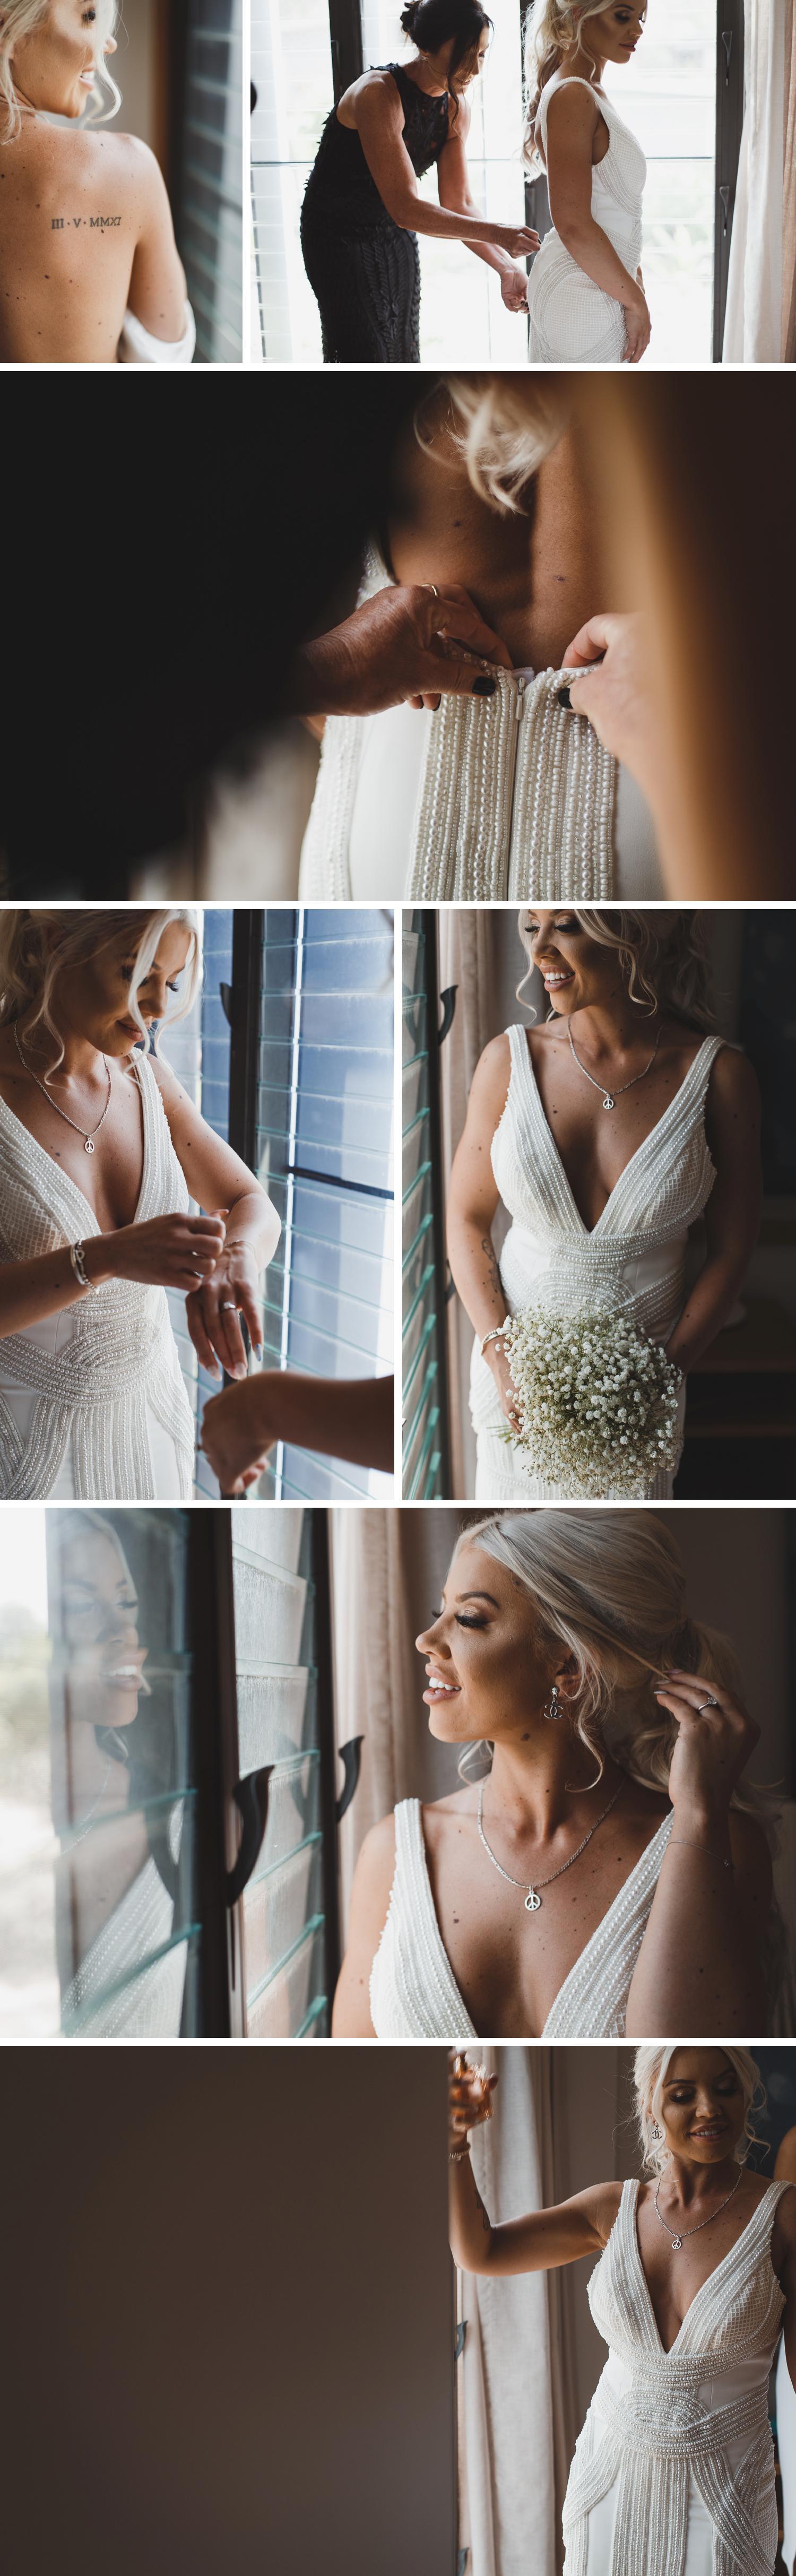 Byron Bay Victoria Wedding Photos, Byron Bay Surf Club Wedding, Beautiful Bride Getting Ready Wedding Photos by Danae Studios